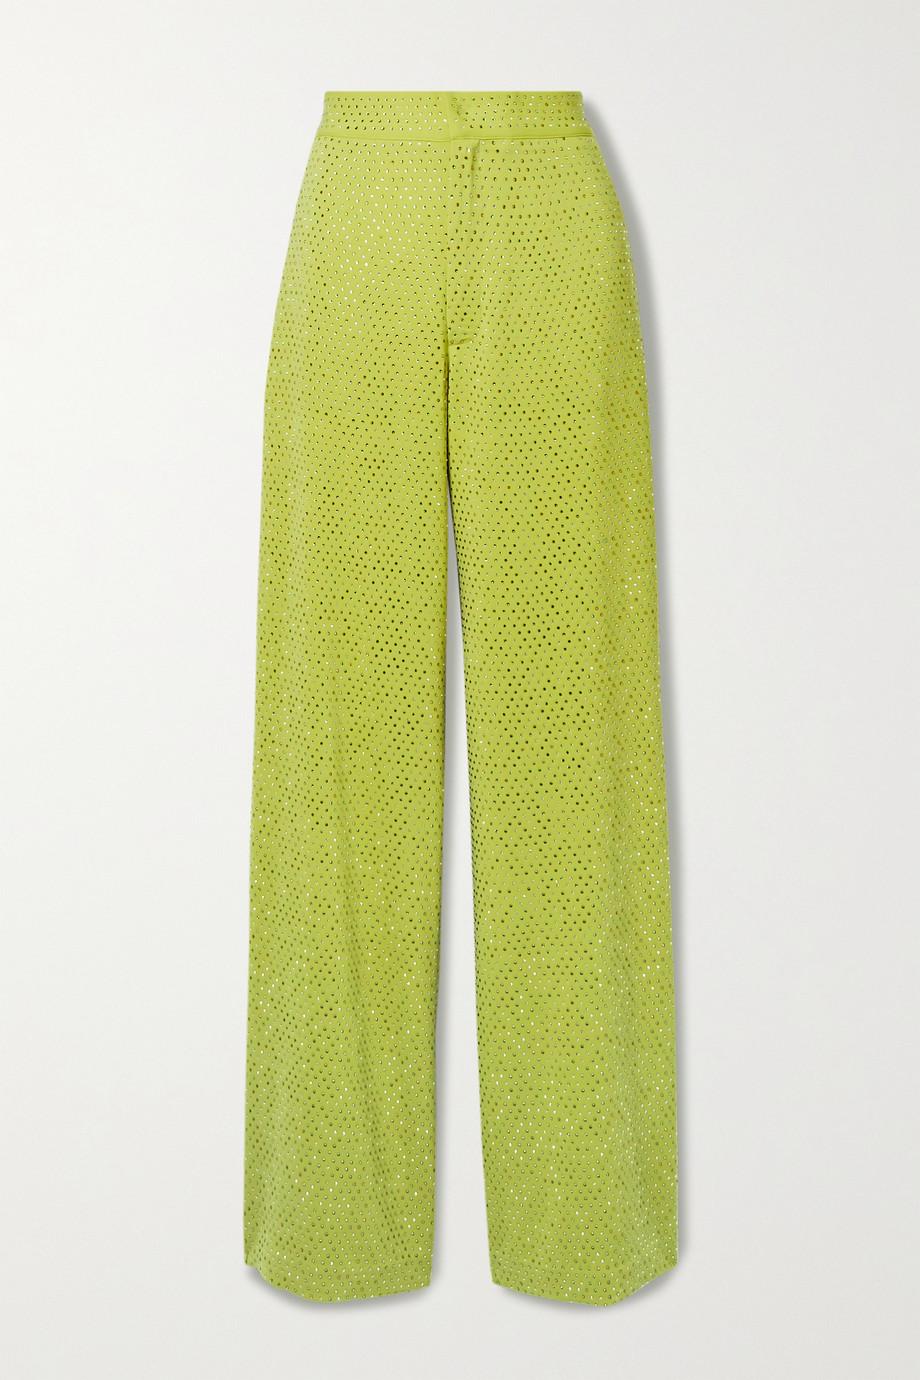 Christopher John Rogers Crystal-embellished crepe wide-leg pants